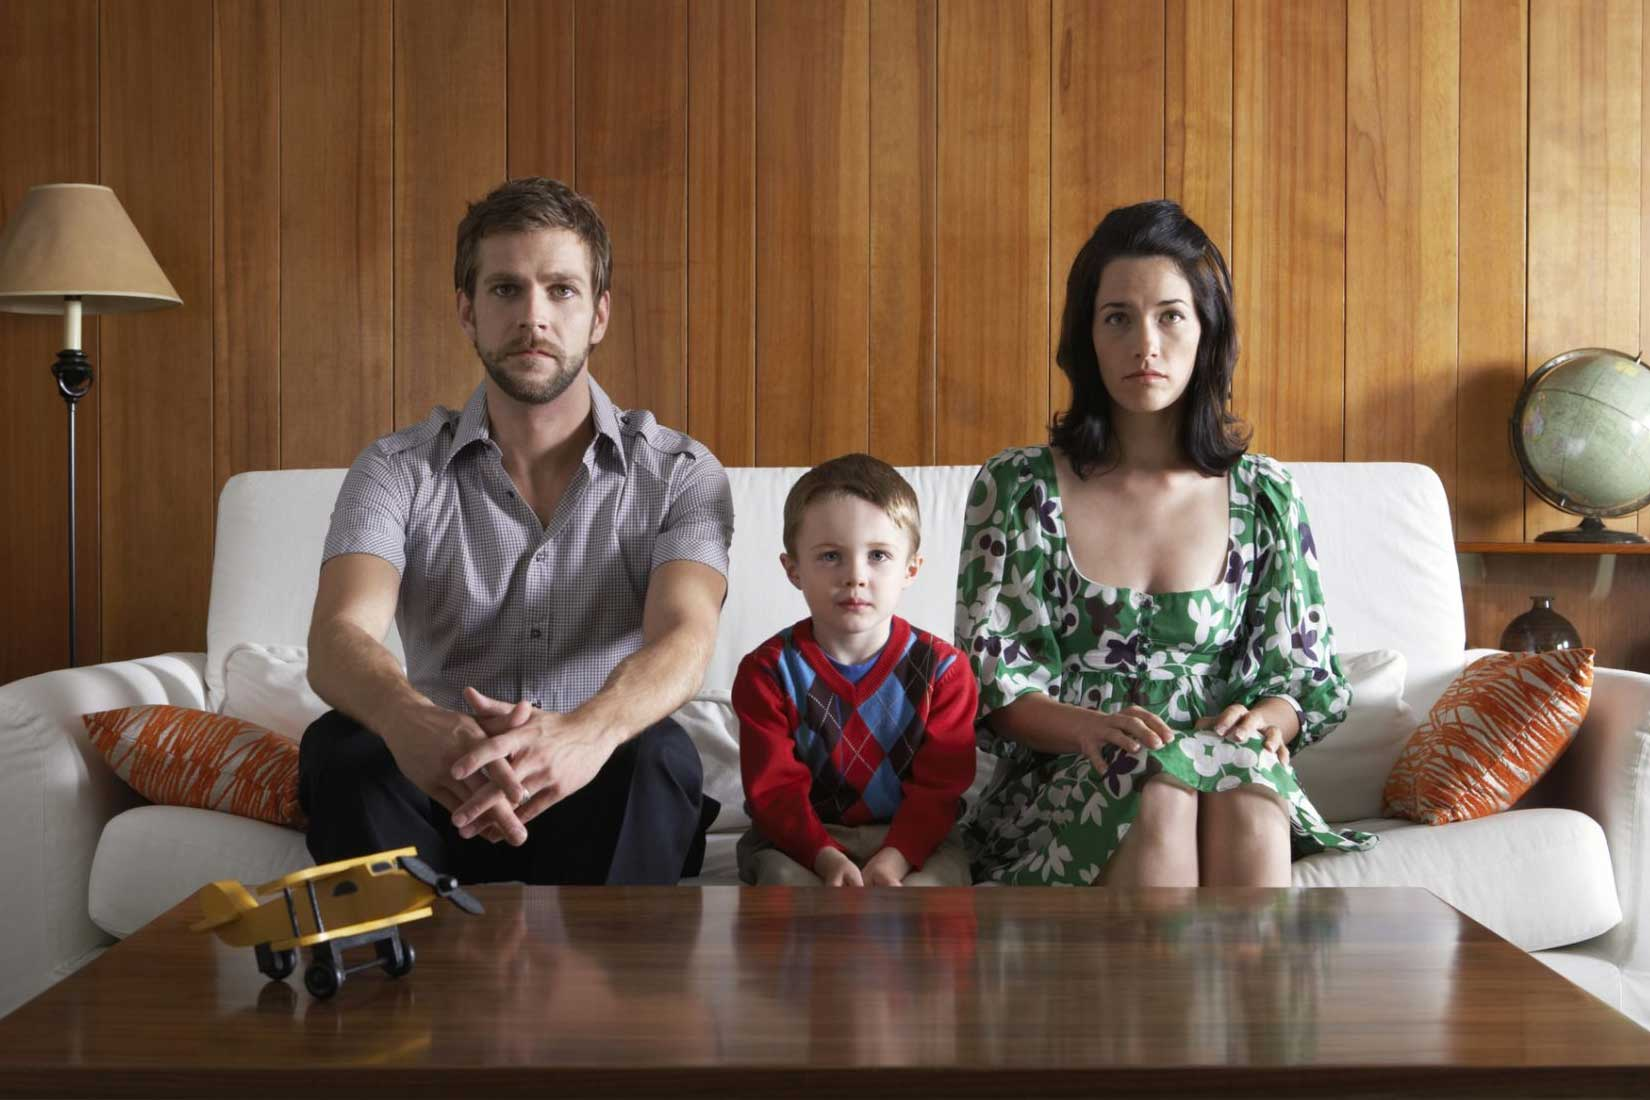 6 zachowań, których rodzice powinni się wystrzegać